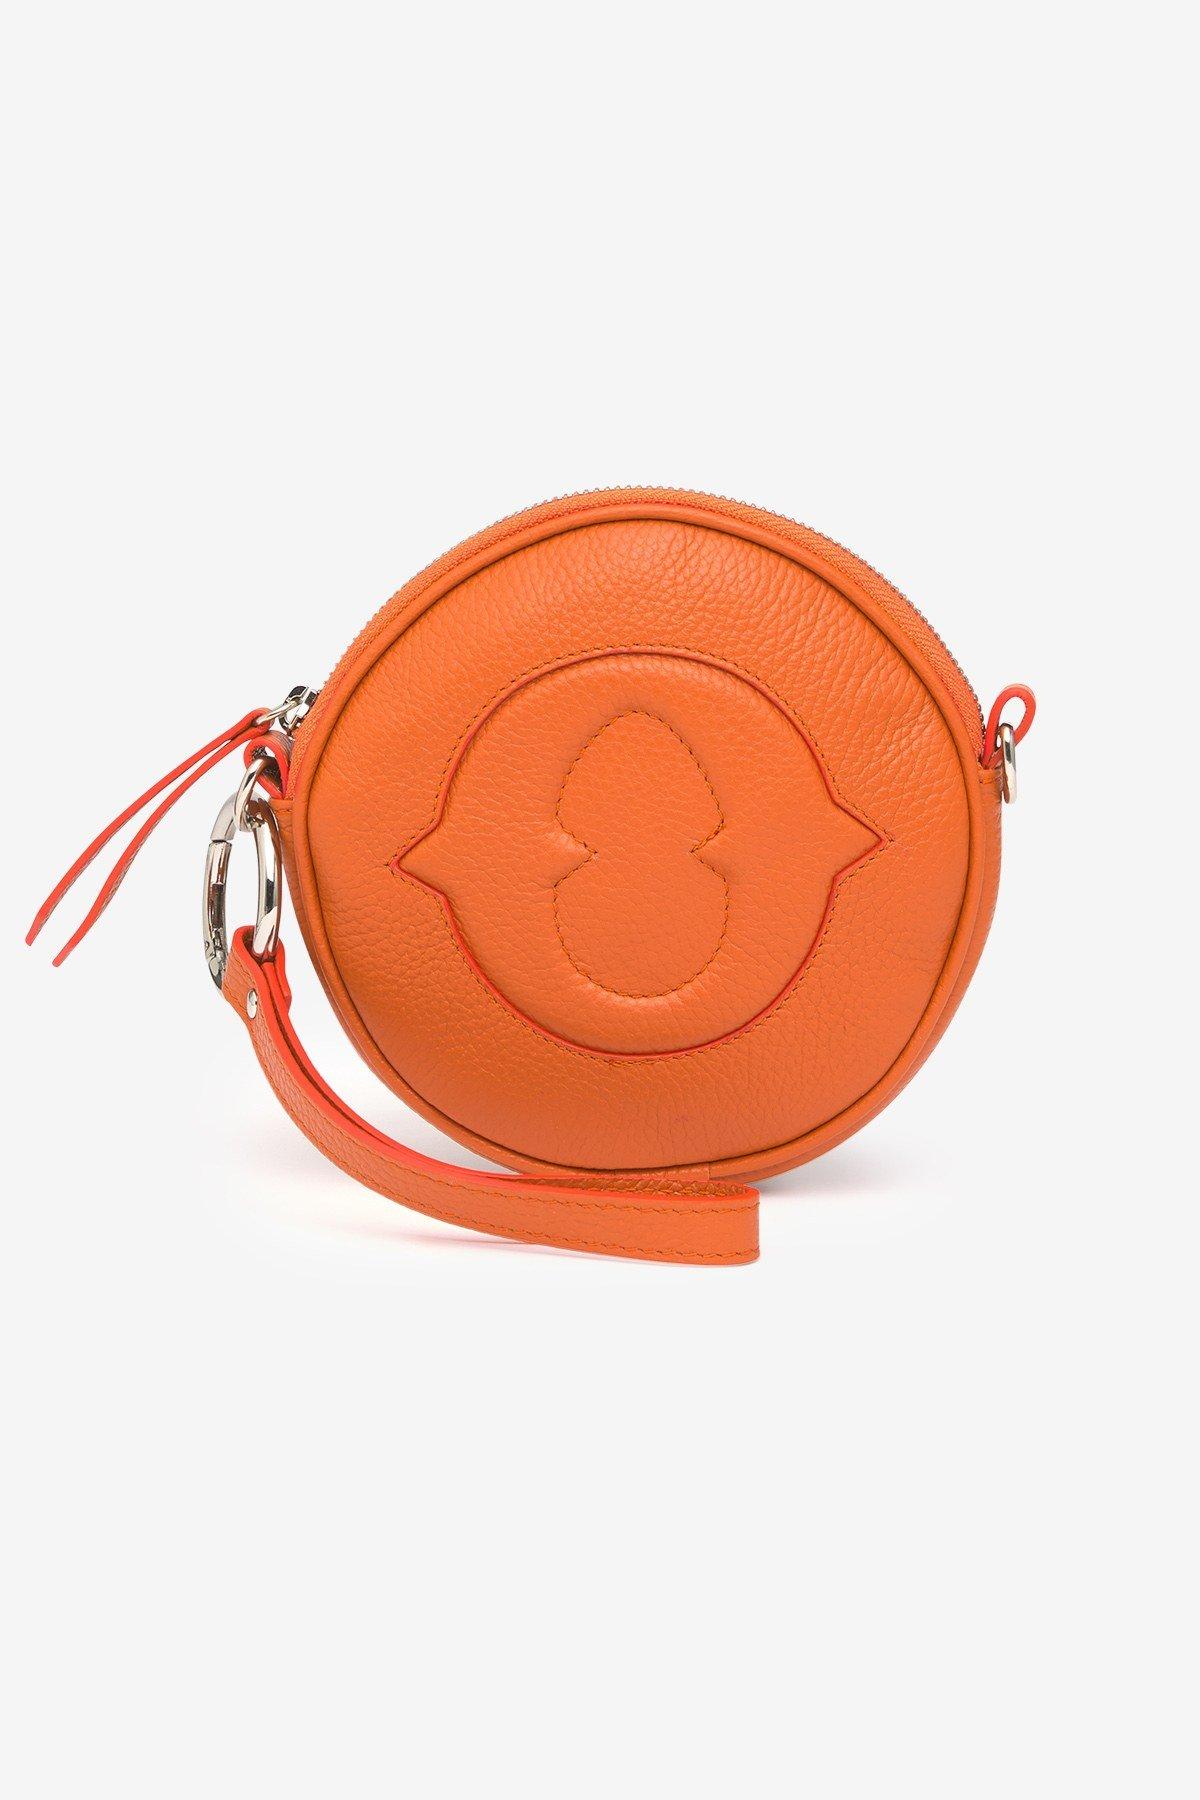 Leather mini handbag